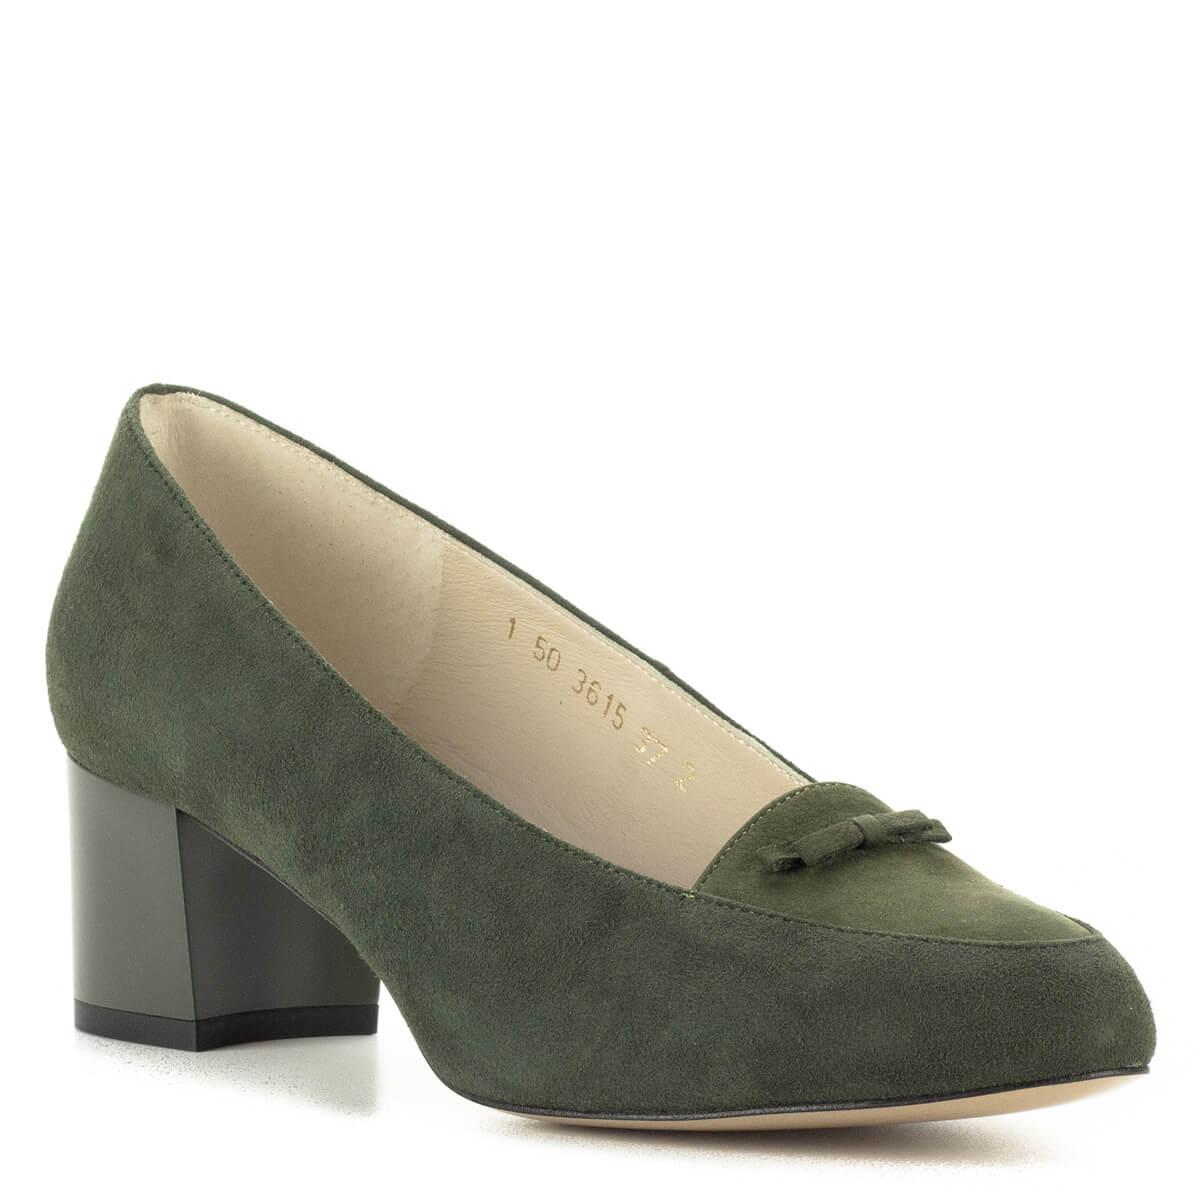 anis cipő Archives - ChiX Női Cipő Webáruház 54ea488743